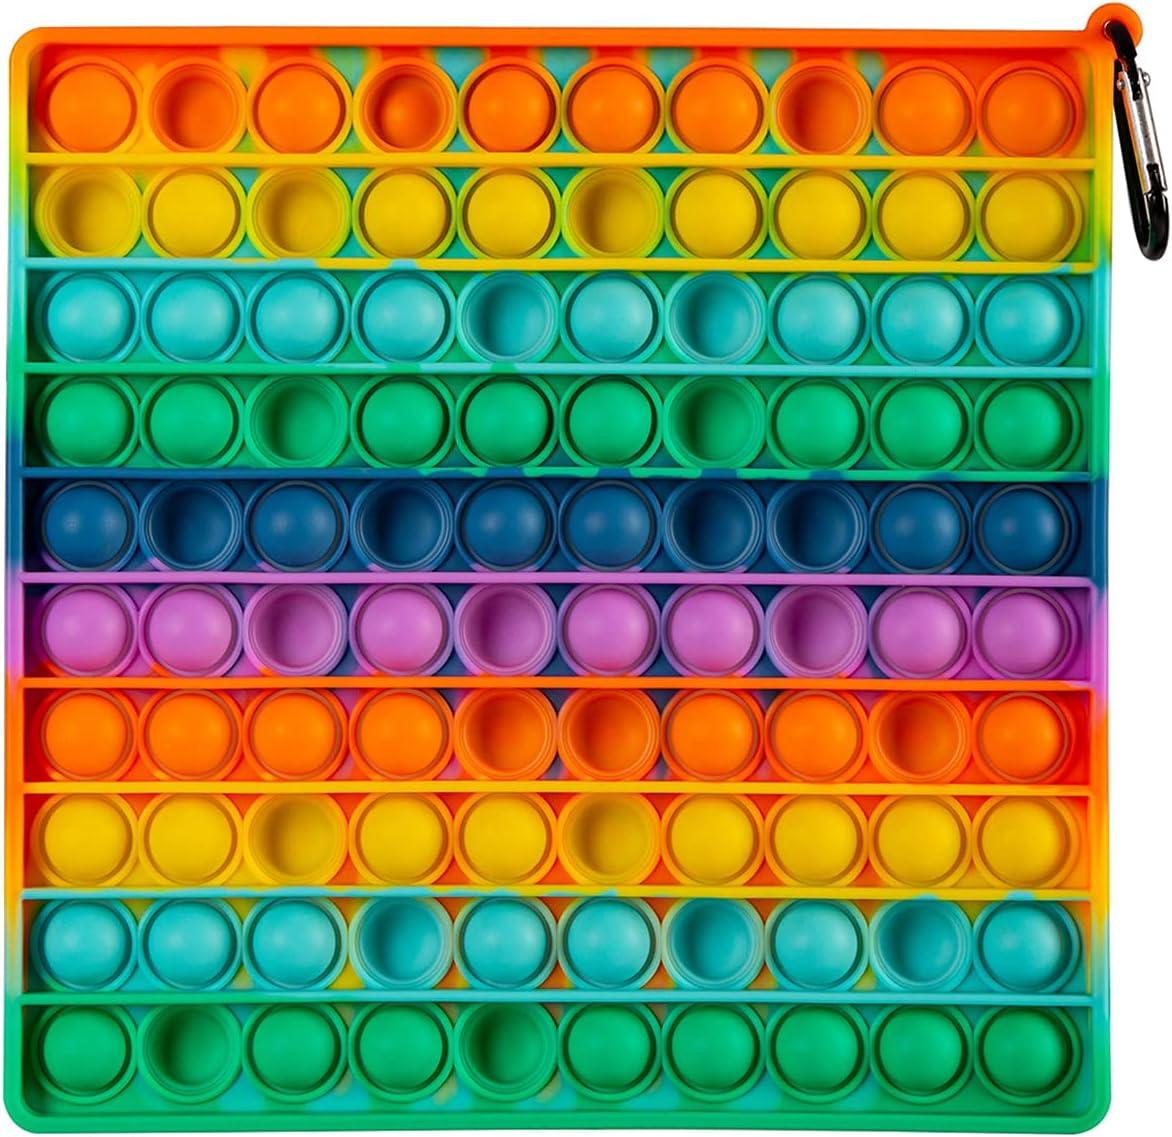 DINGFENG Push Pop Bubbles Fidget Toy, 100 Bubbles Big Size Fidge